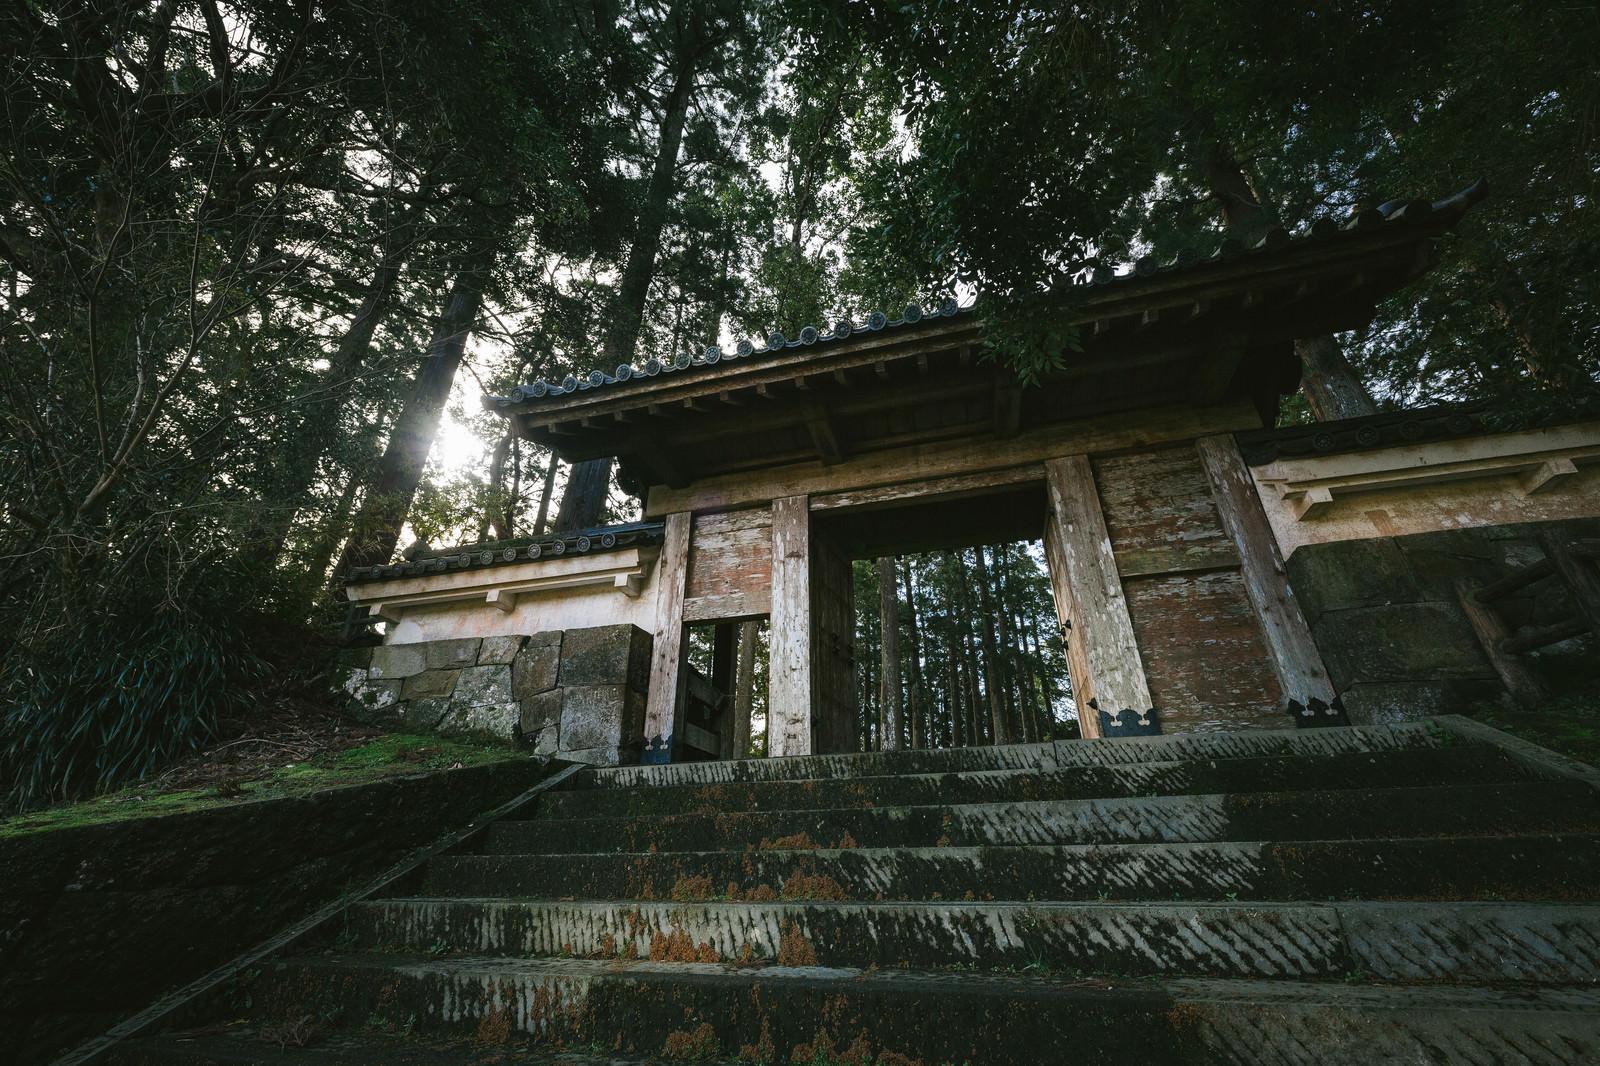 「飫肥杉に囲まれる飫肥城裏門の風格」の写真